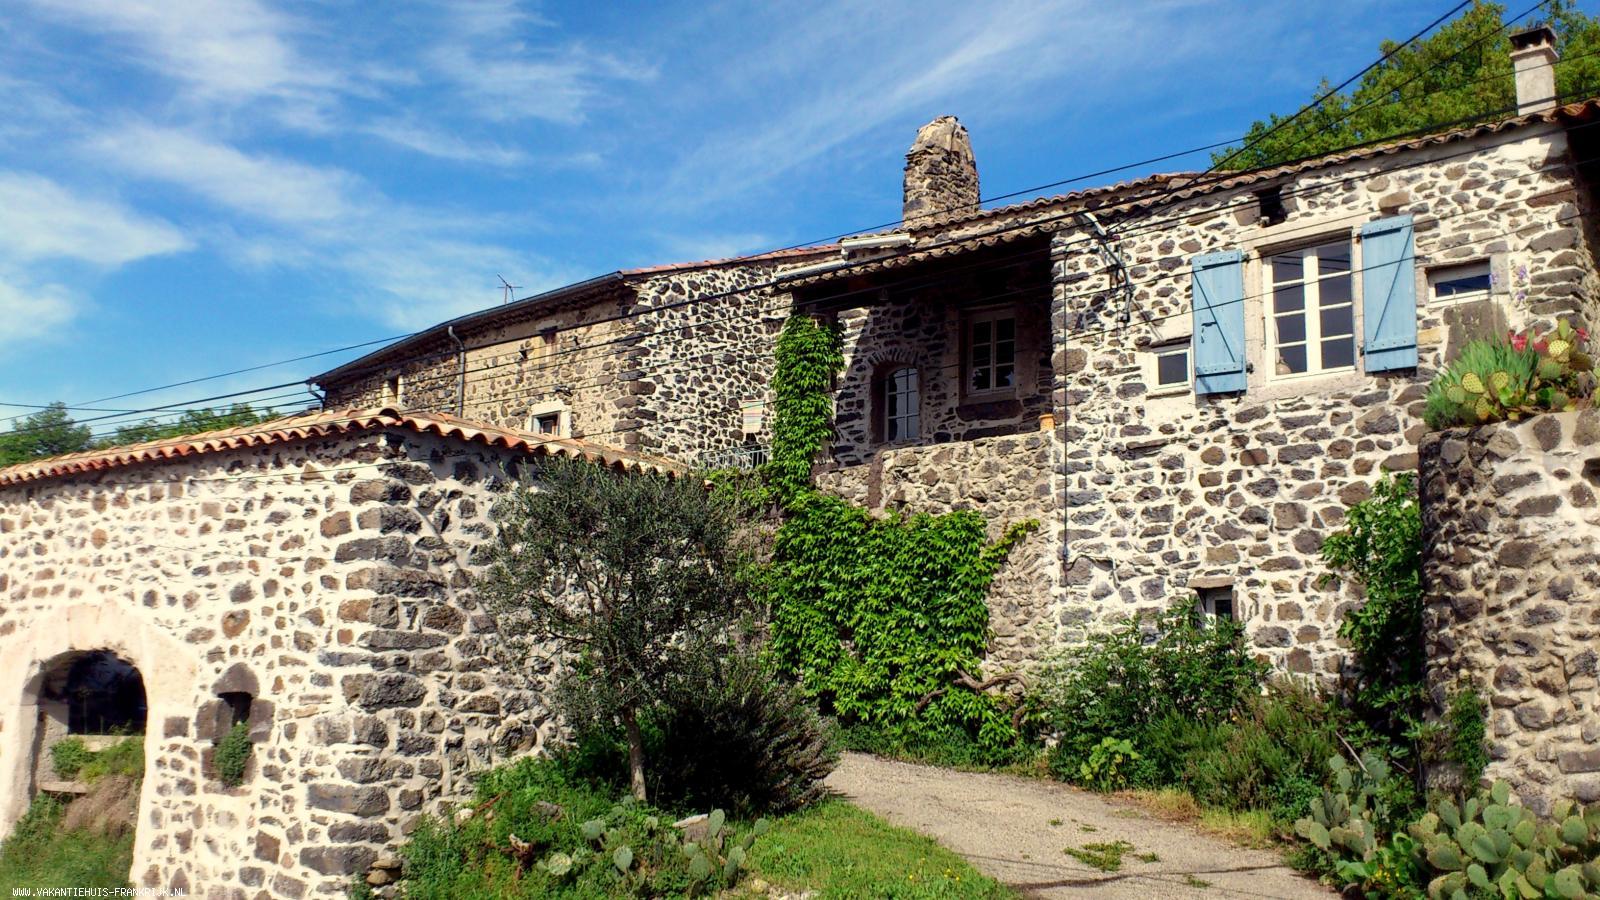 Vakantiehuis: Vakantiehuis (Boerderij) te huur in Ardeche. Het huis is geschikt voor 6 personen, heeft drie slaapkamers en twee badkamers. te huur voor uw vakantie in Ardeche (Frankrijk)